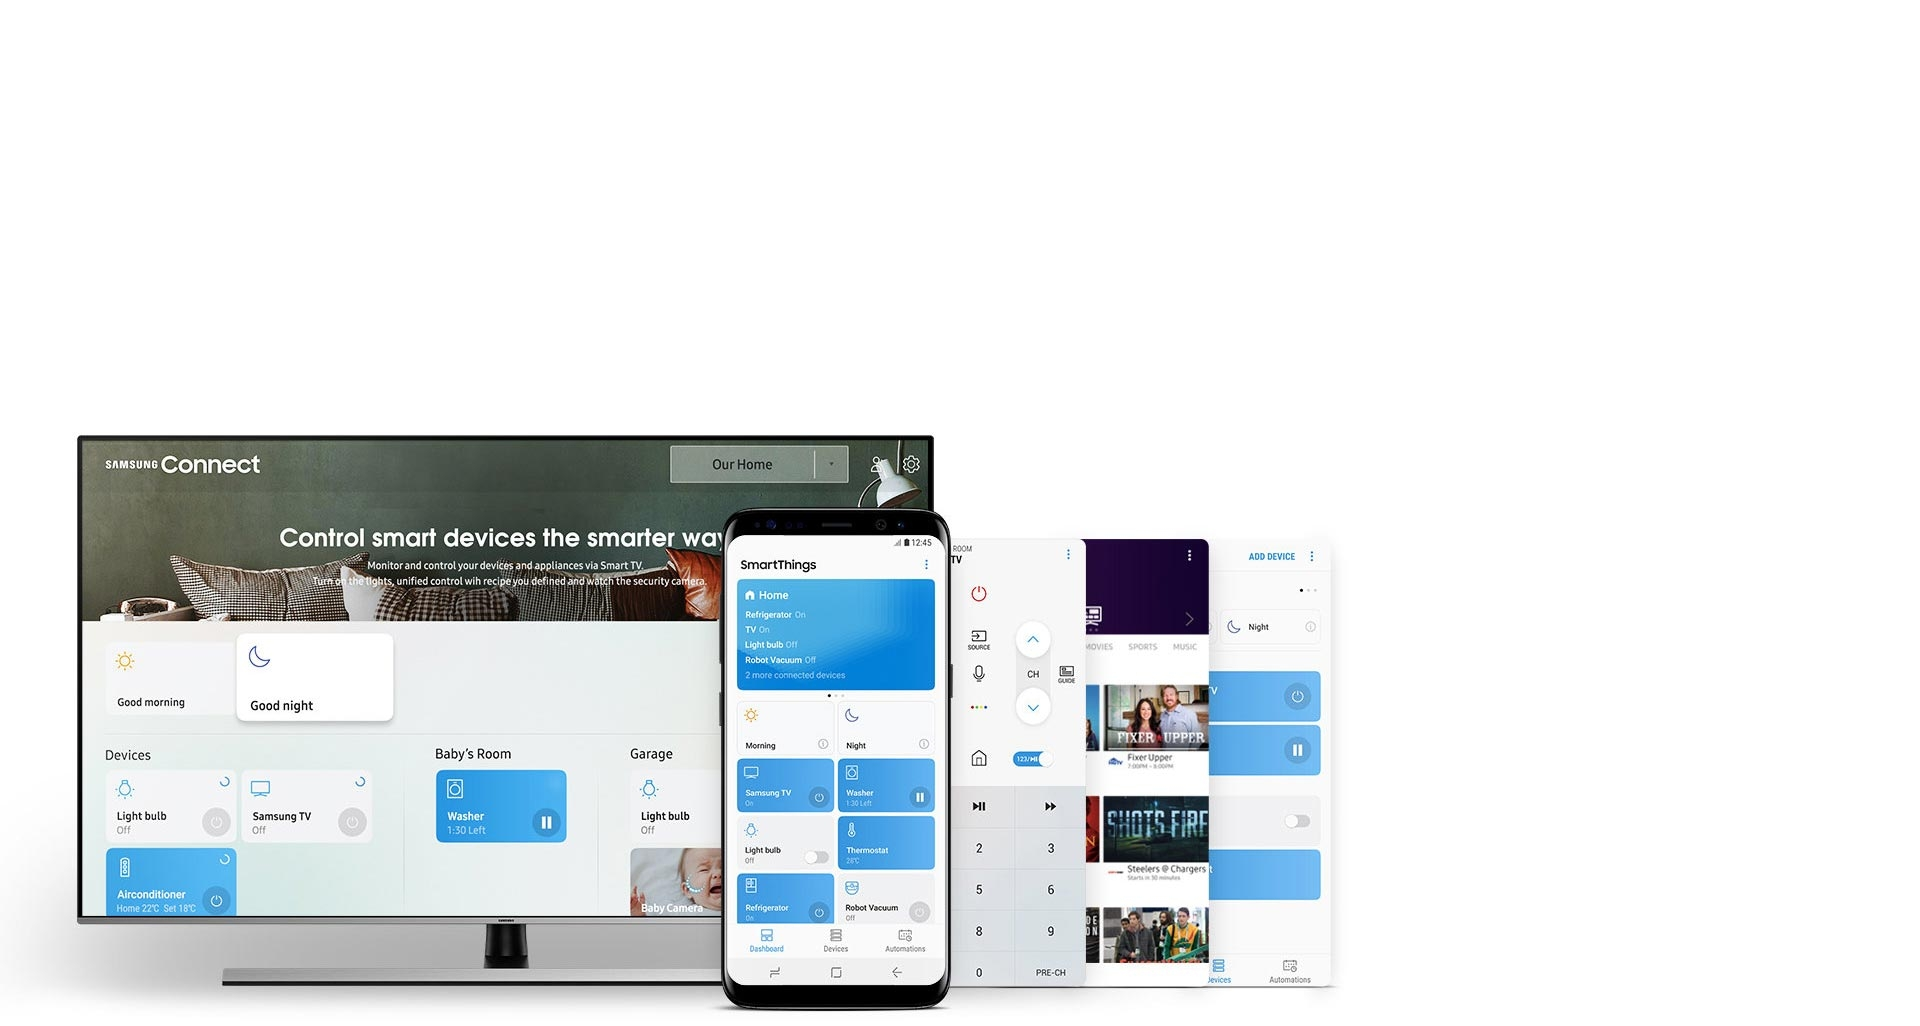 ال ای دی جدید سامسونگ با اپلیکیشنی برای مدیریت همه دیوایس های هوشمند